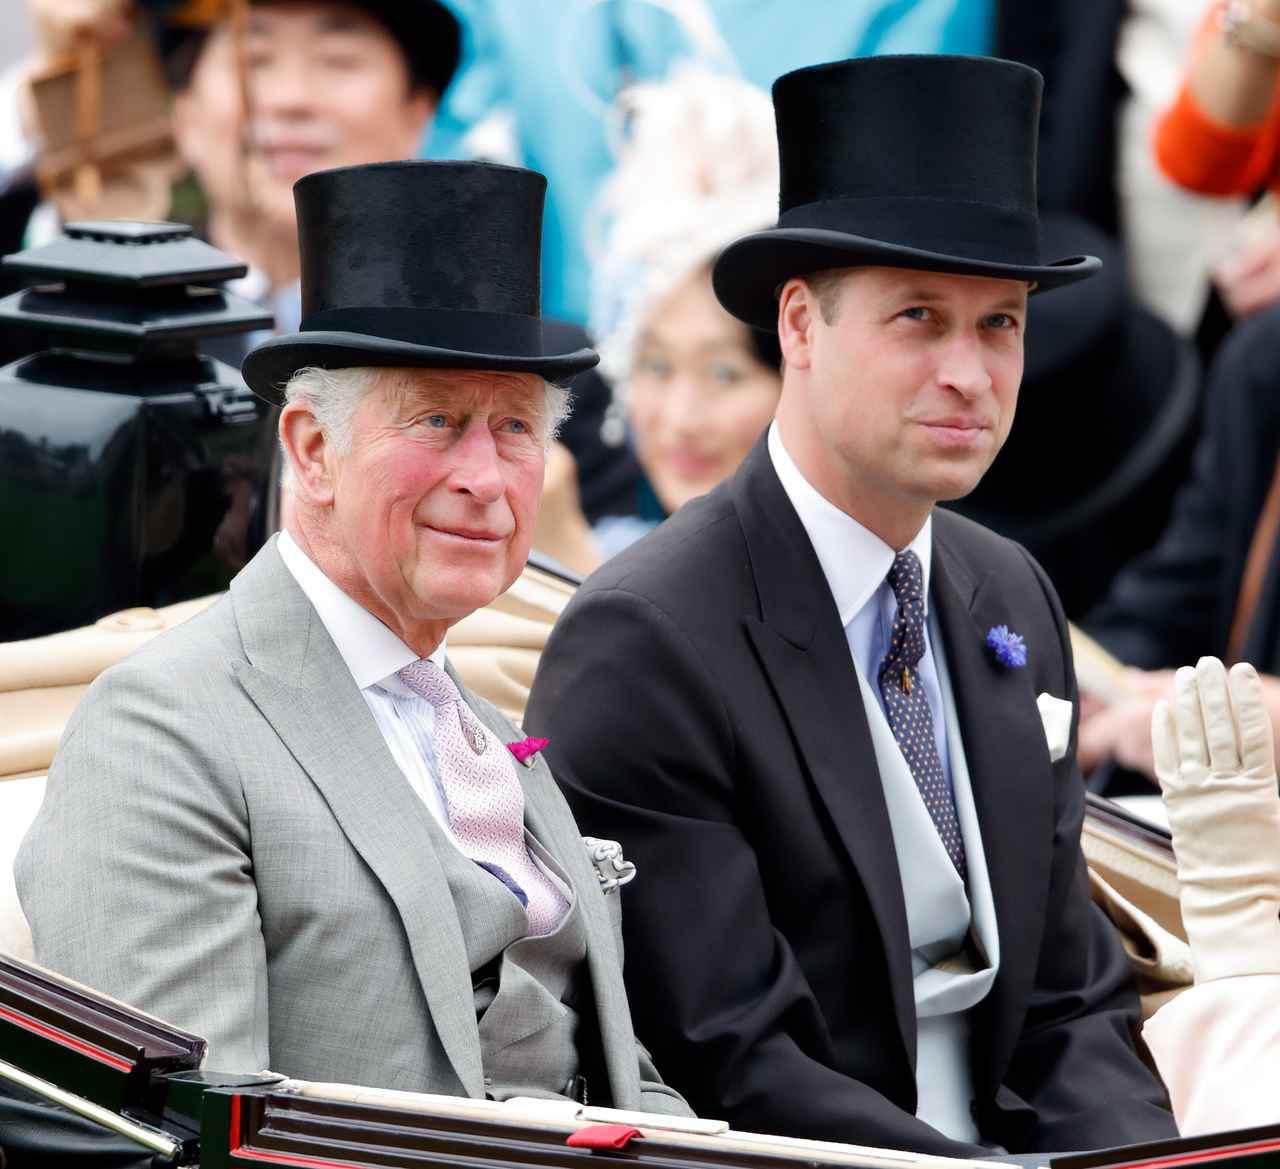 画像: ウィリアム王子とチャールズ皇太子は君主制の犠牲者